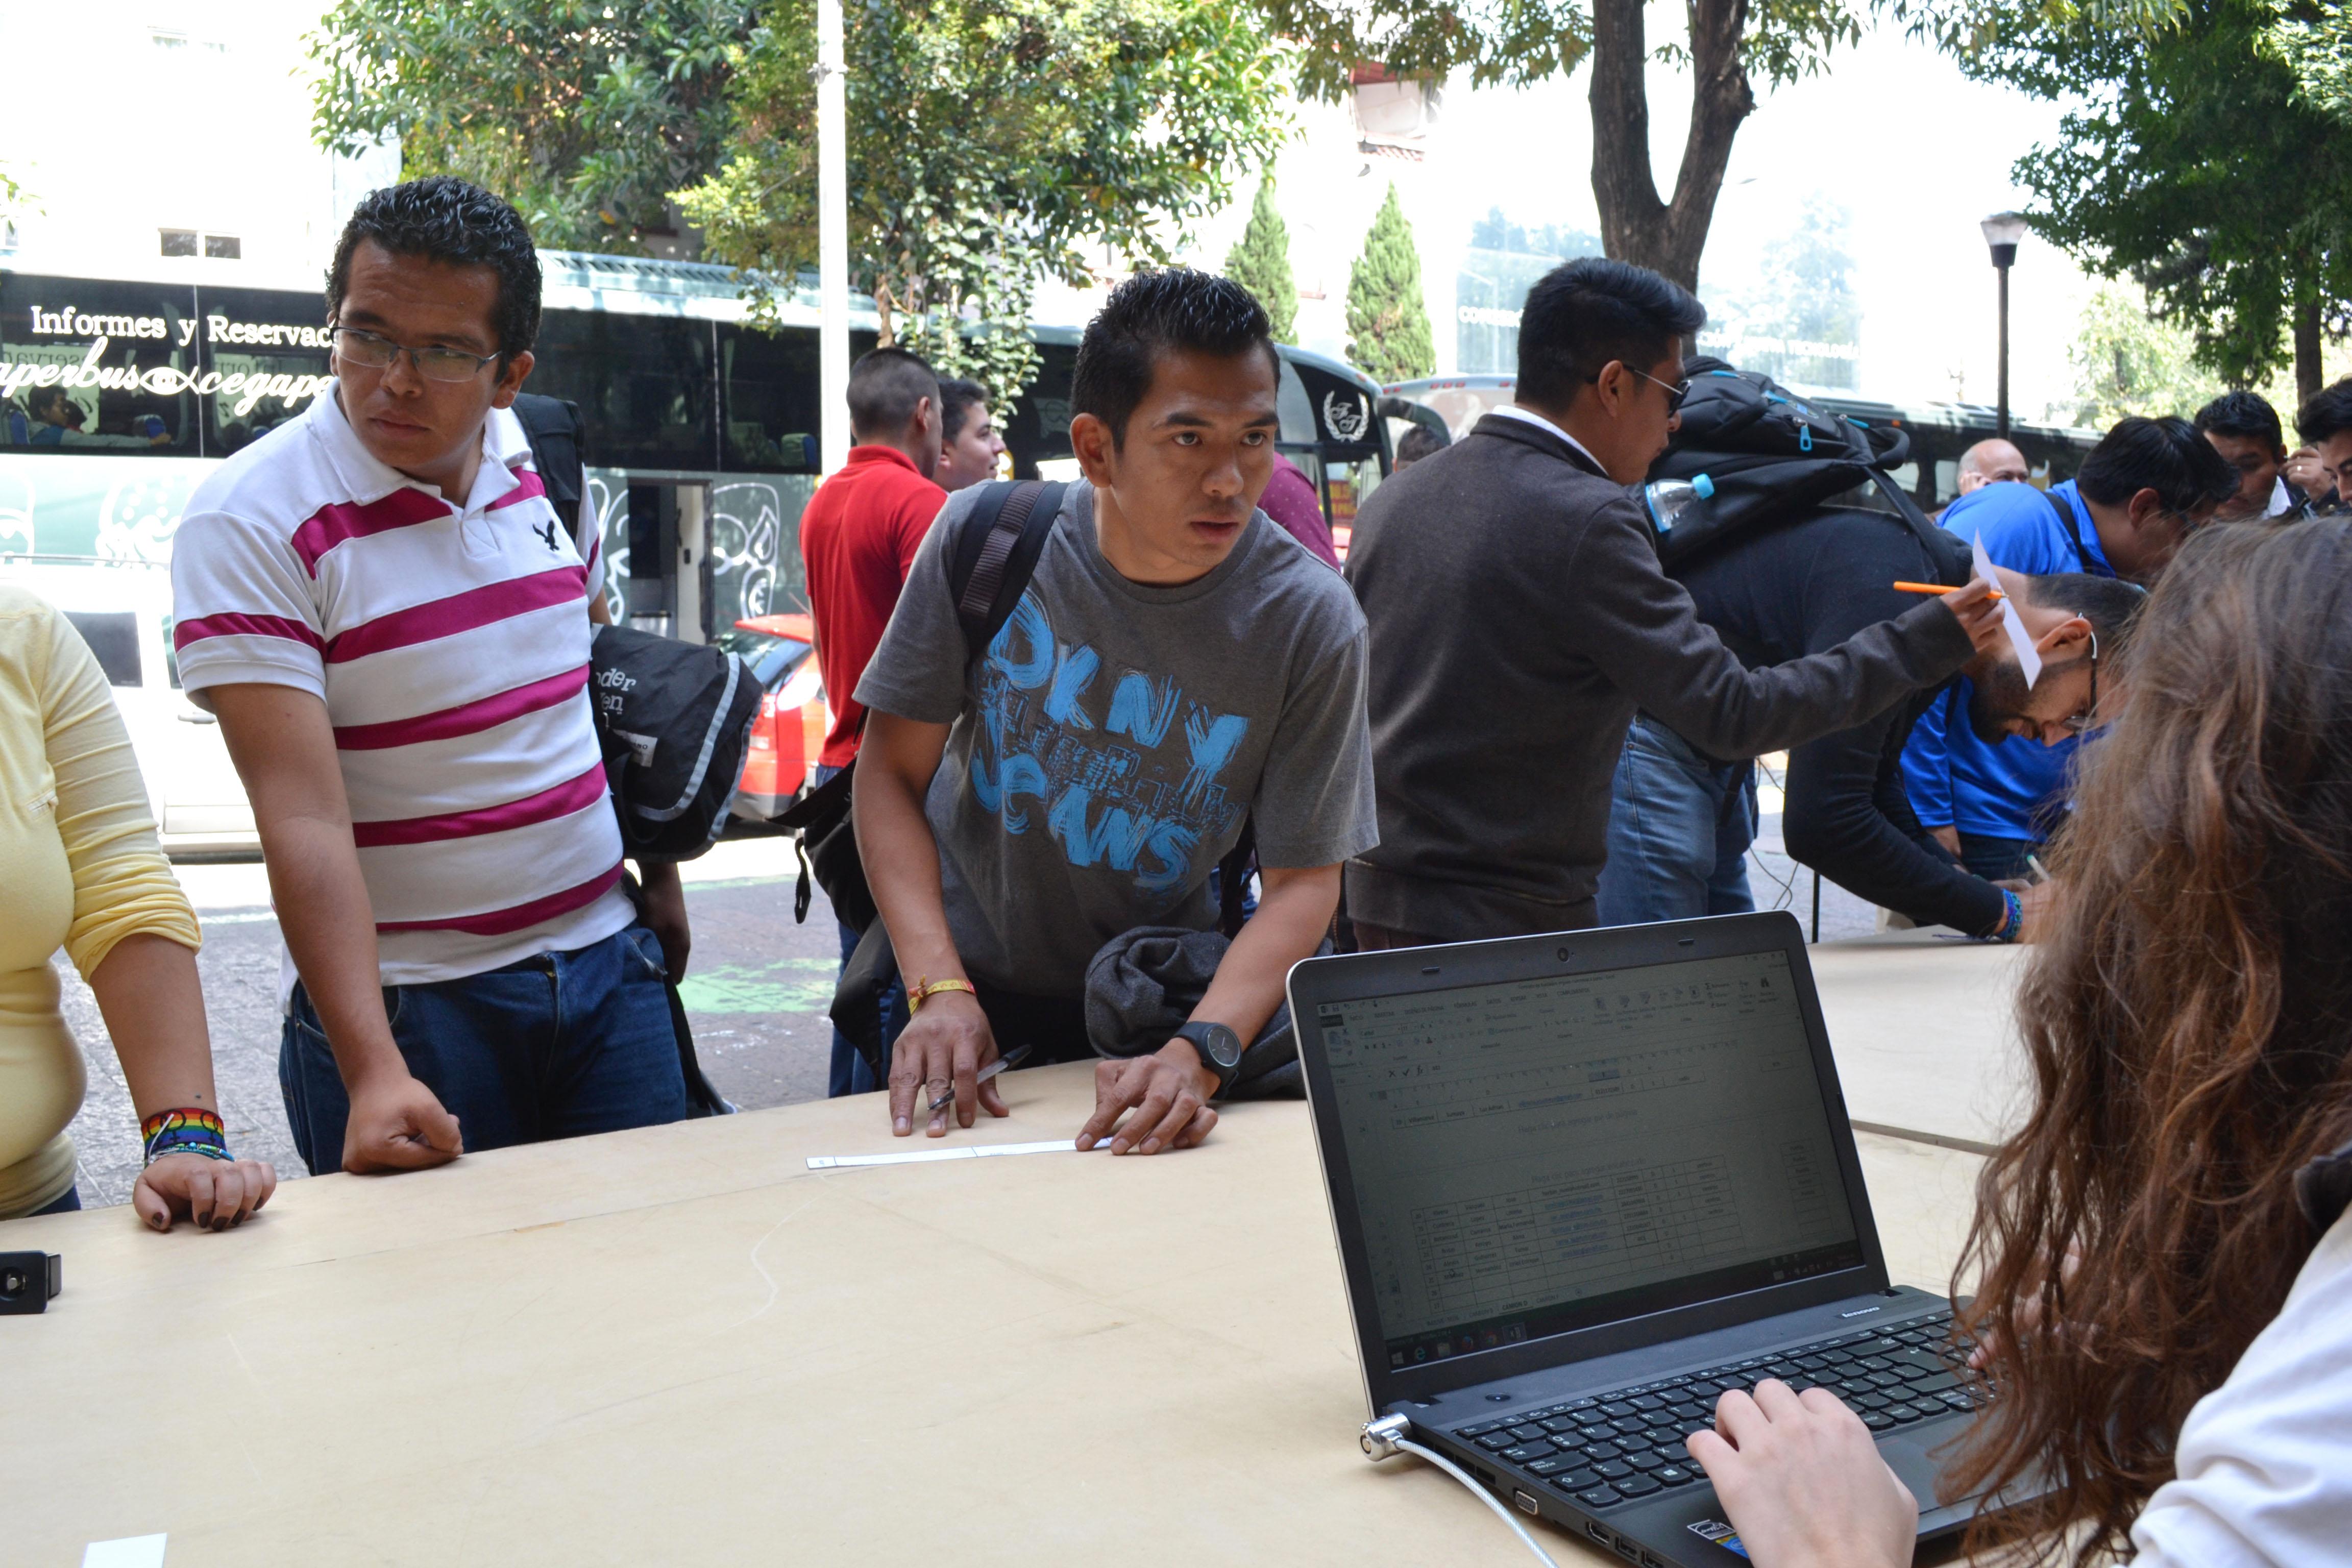 Hoy en día existen 71 millones de jóvenes desempleados a nivel global, en tanto que en México 2 de cada 10 jóvenes de entre 12 a 29 años no estudian ni trabajan.